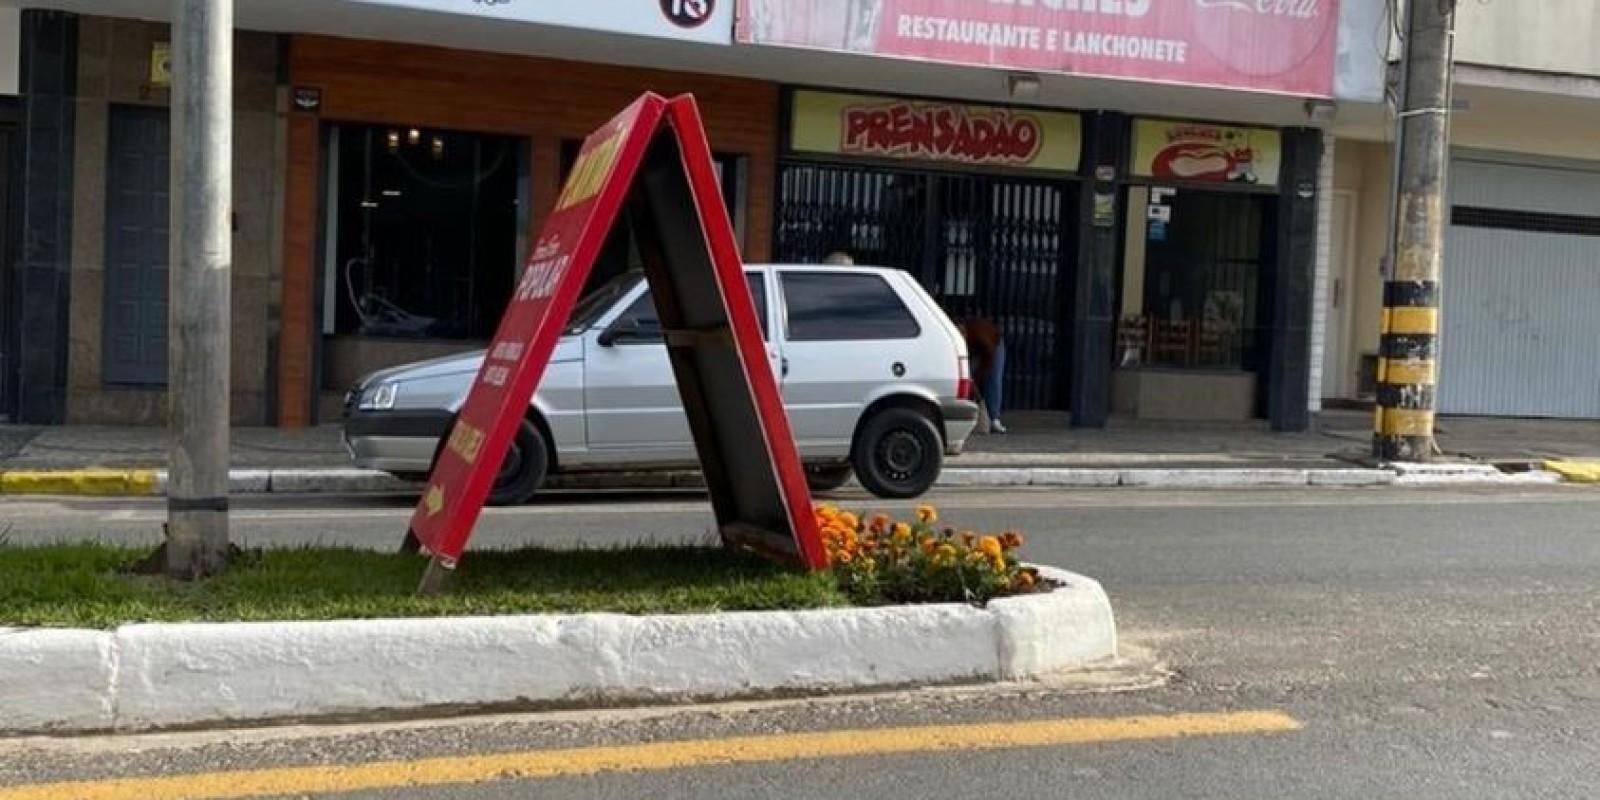 A Prefeitura de Braço do Norte está recolhendo as placas de propaganda que estavam no canteiro central da Avenida Felipe Schmidt